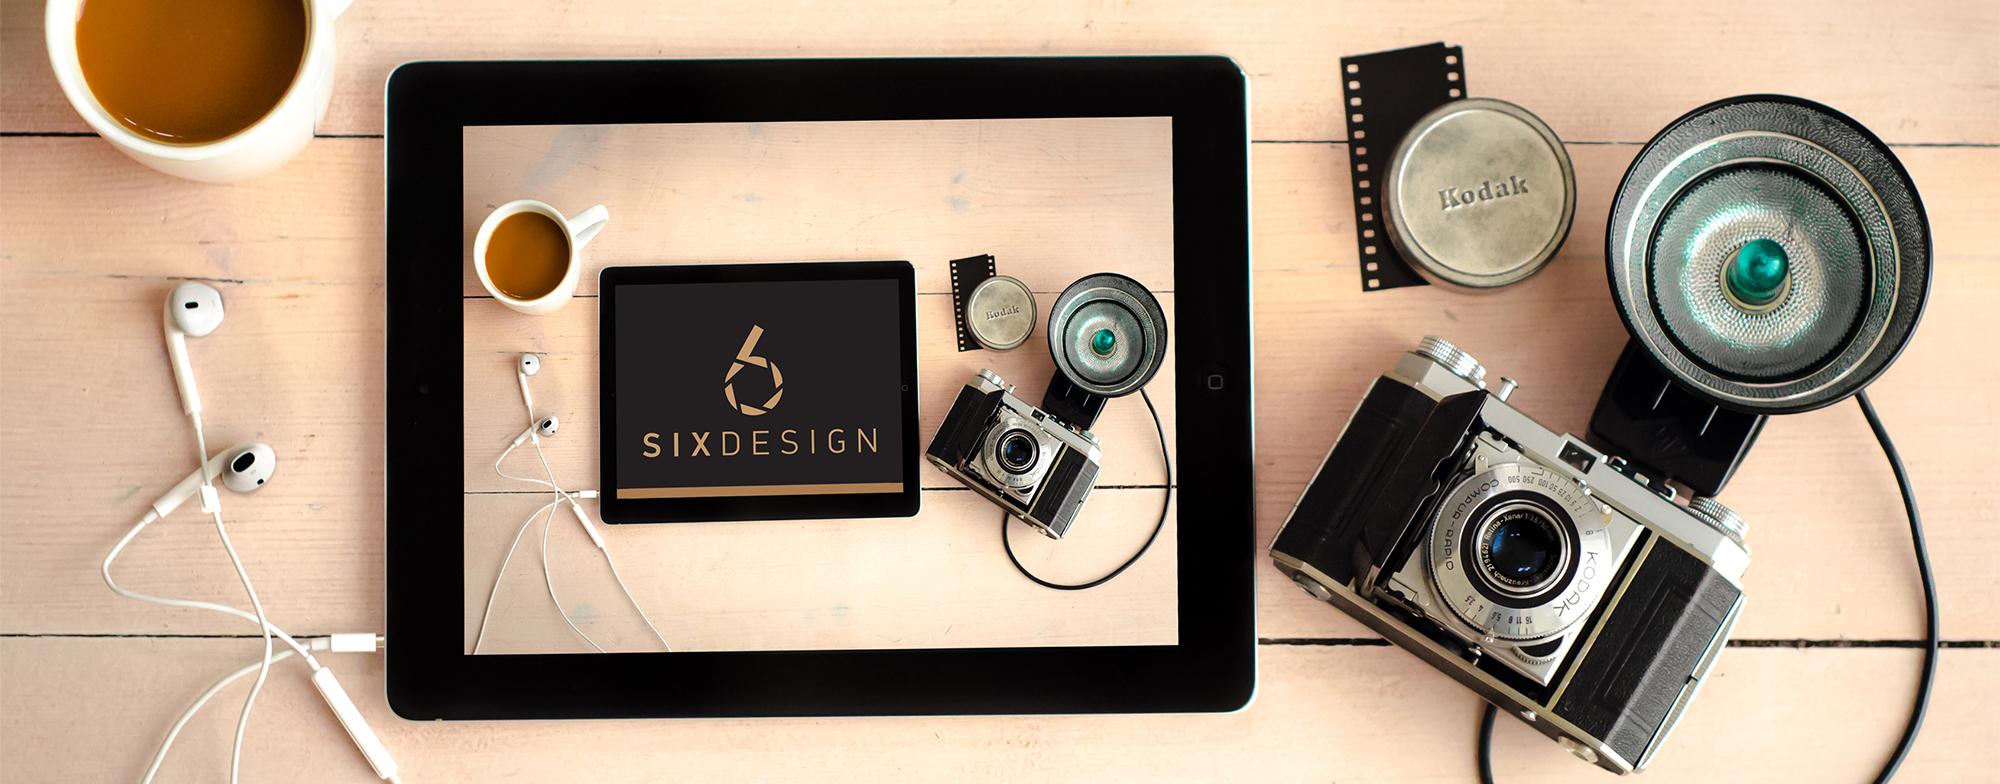 ΕΠΑΓΓΕΛΜΑΤΙΚΗ ΦΩΤΟΓΡΑΦΙΣΗ & VIDEO. Six Design Athens Creative Agency.